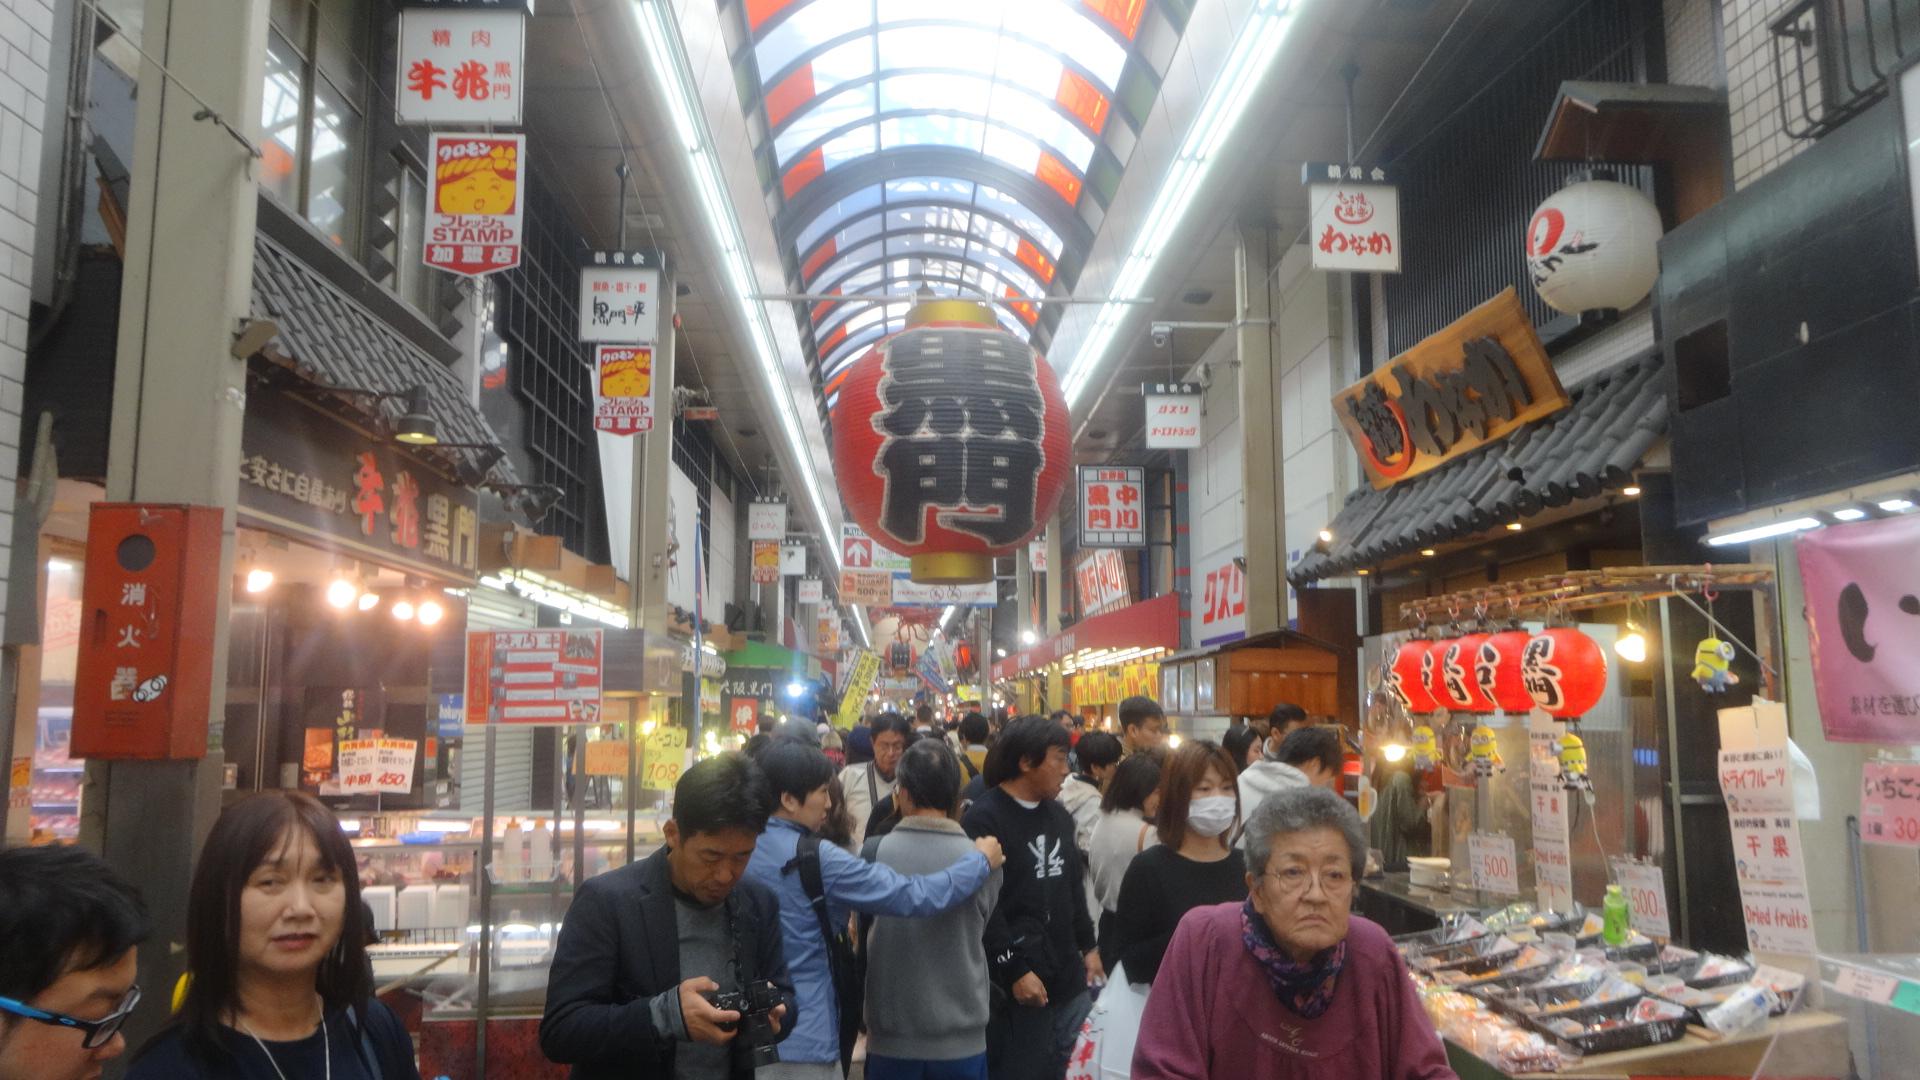 大勢の観光客でにぎわう市場の内部の様子